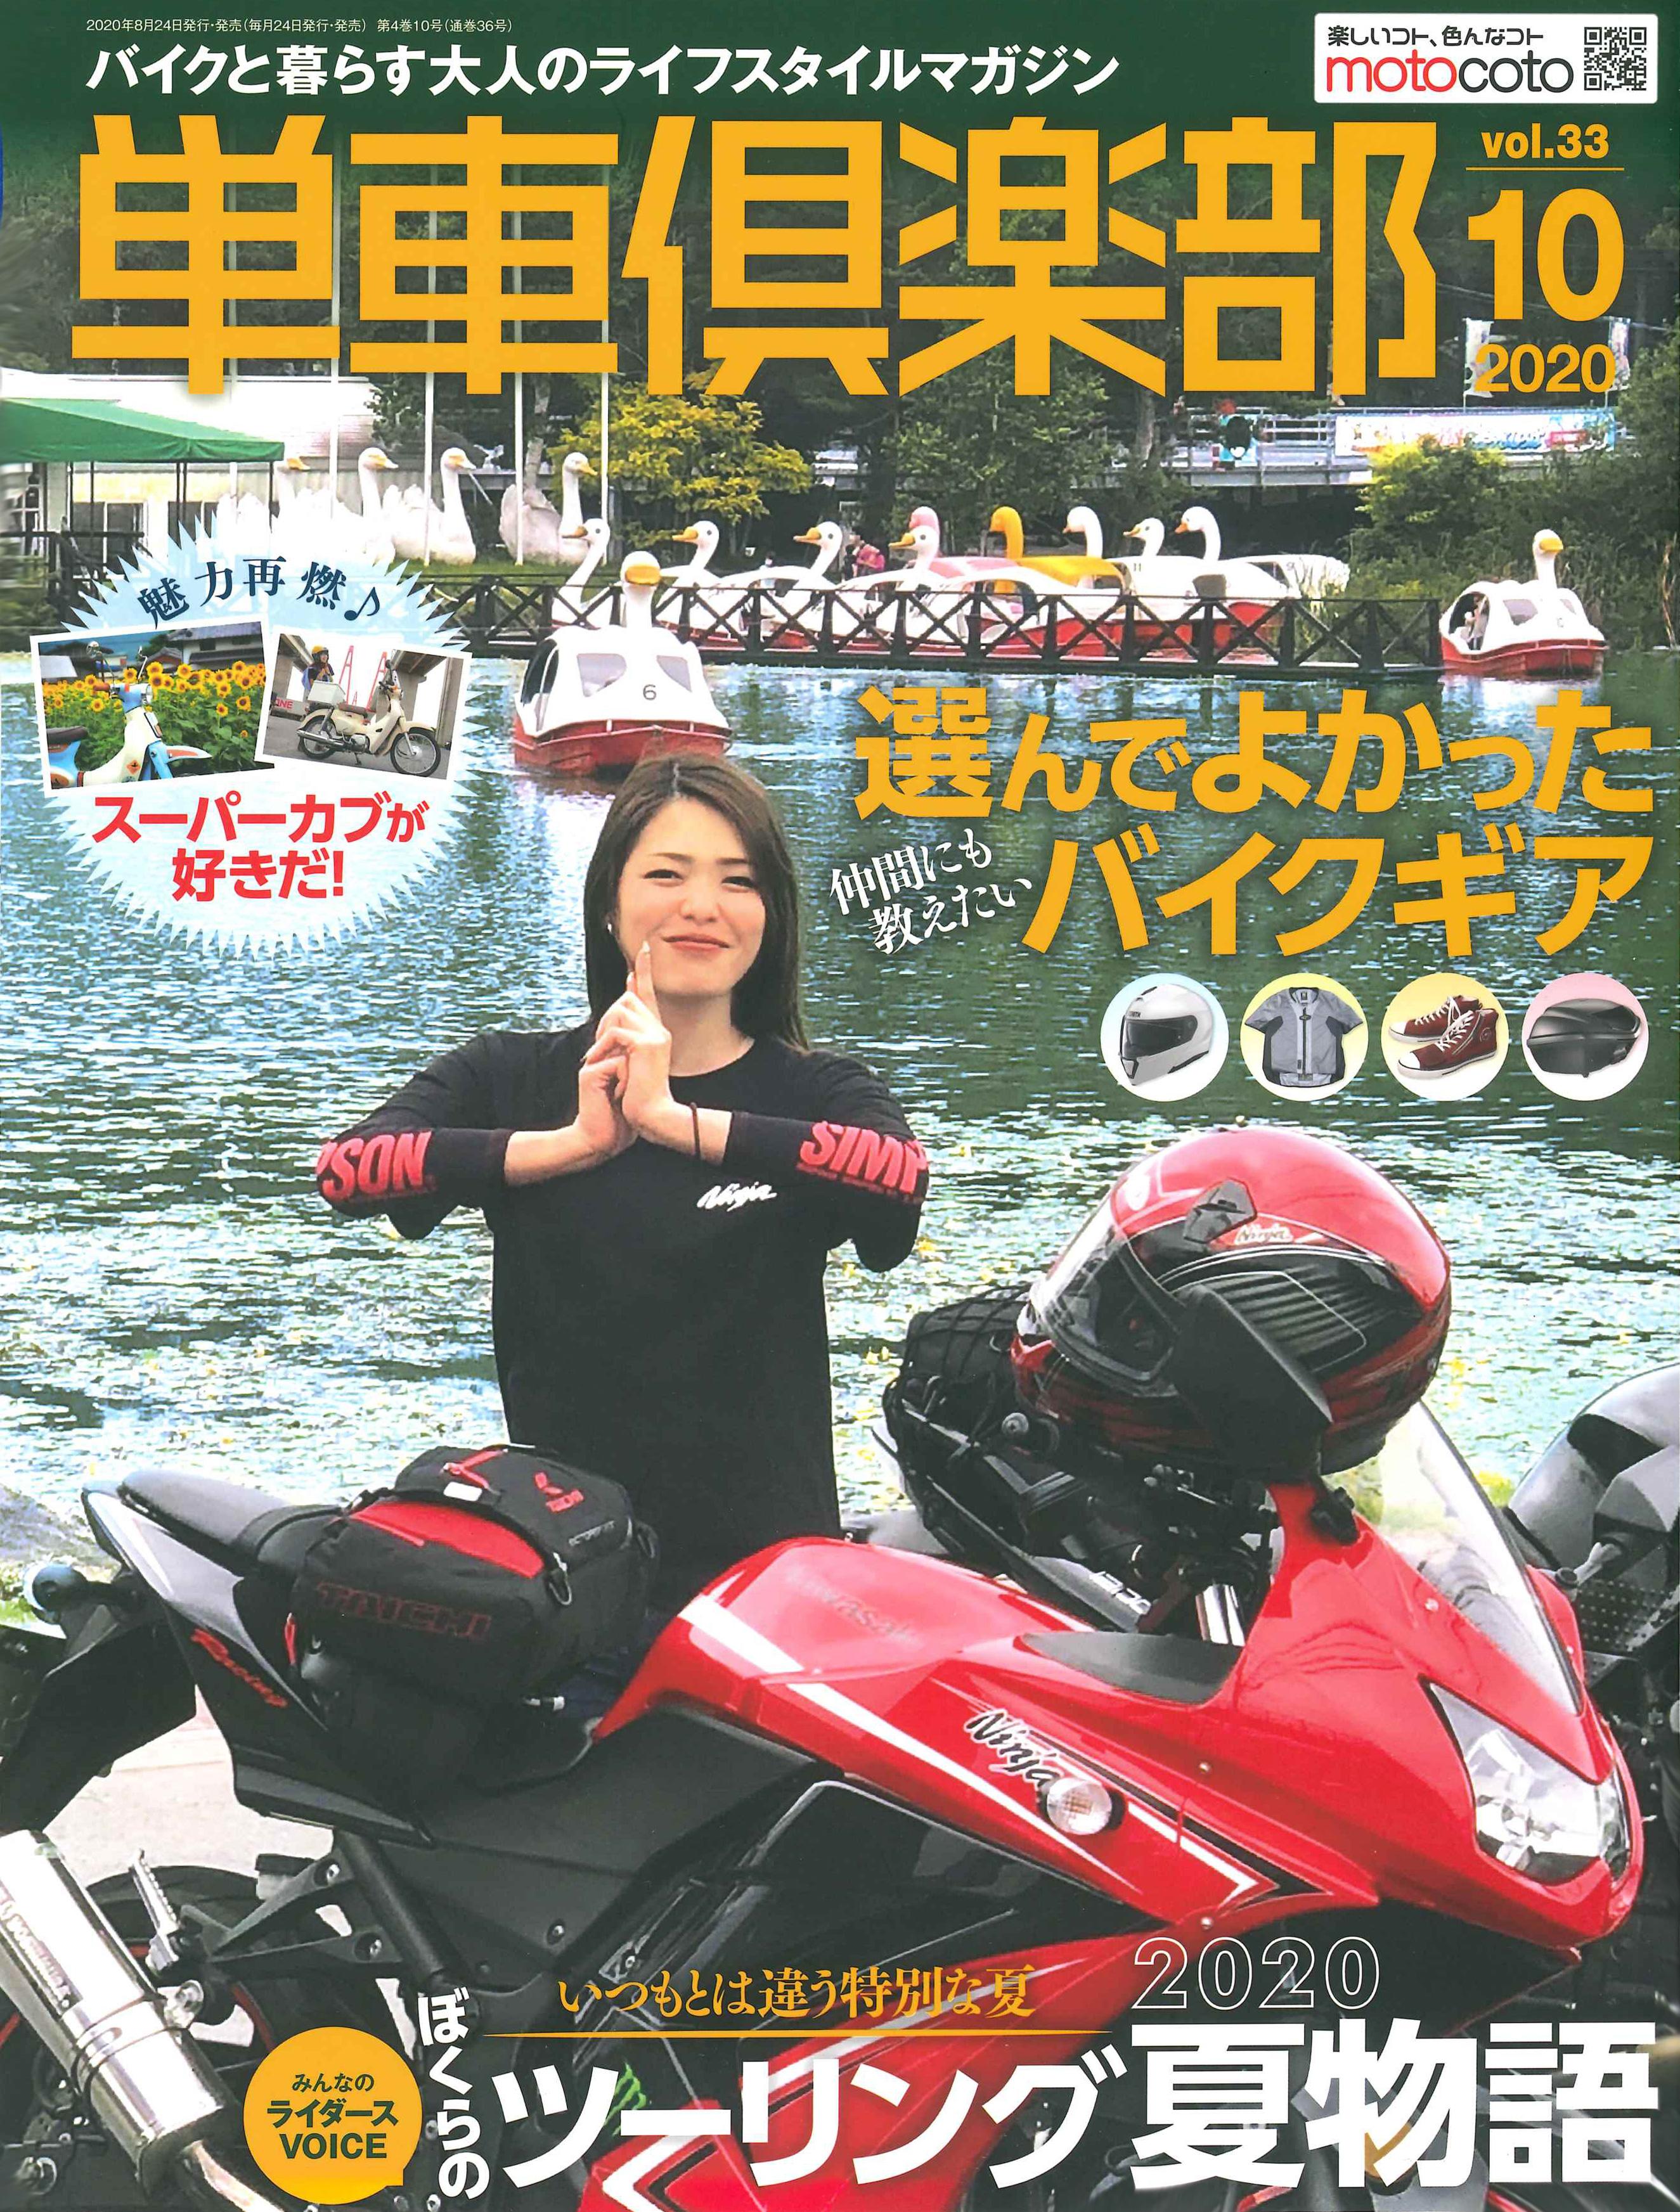 【単車倶楽部10月号掲載】『ヘルメットアタッチメントSHOEI用』